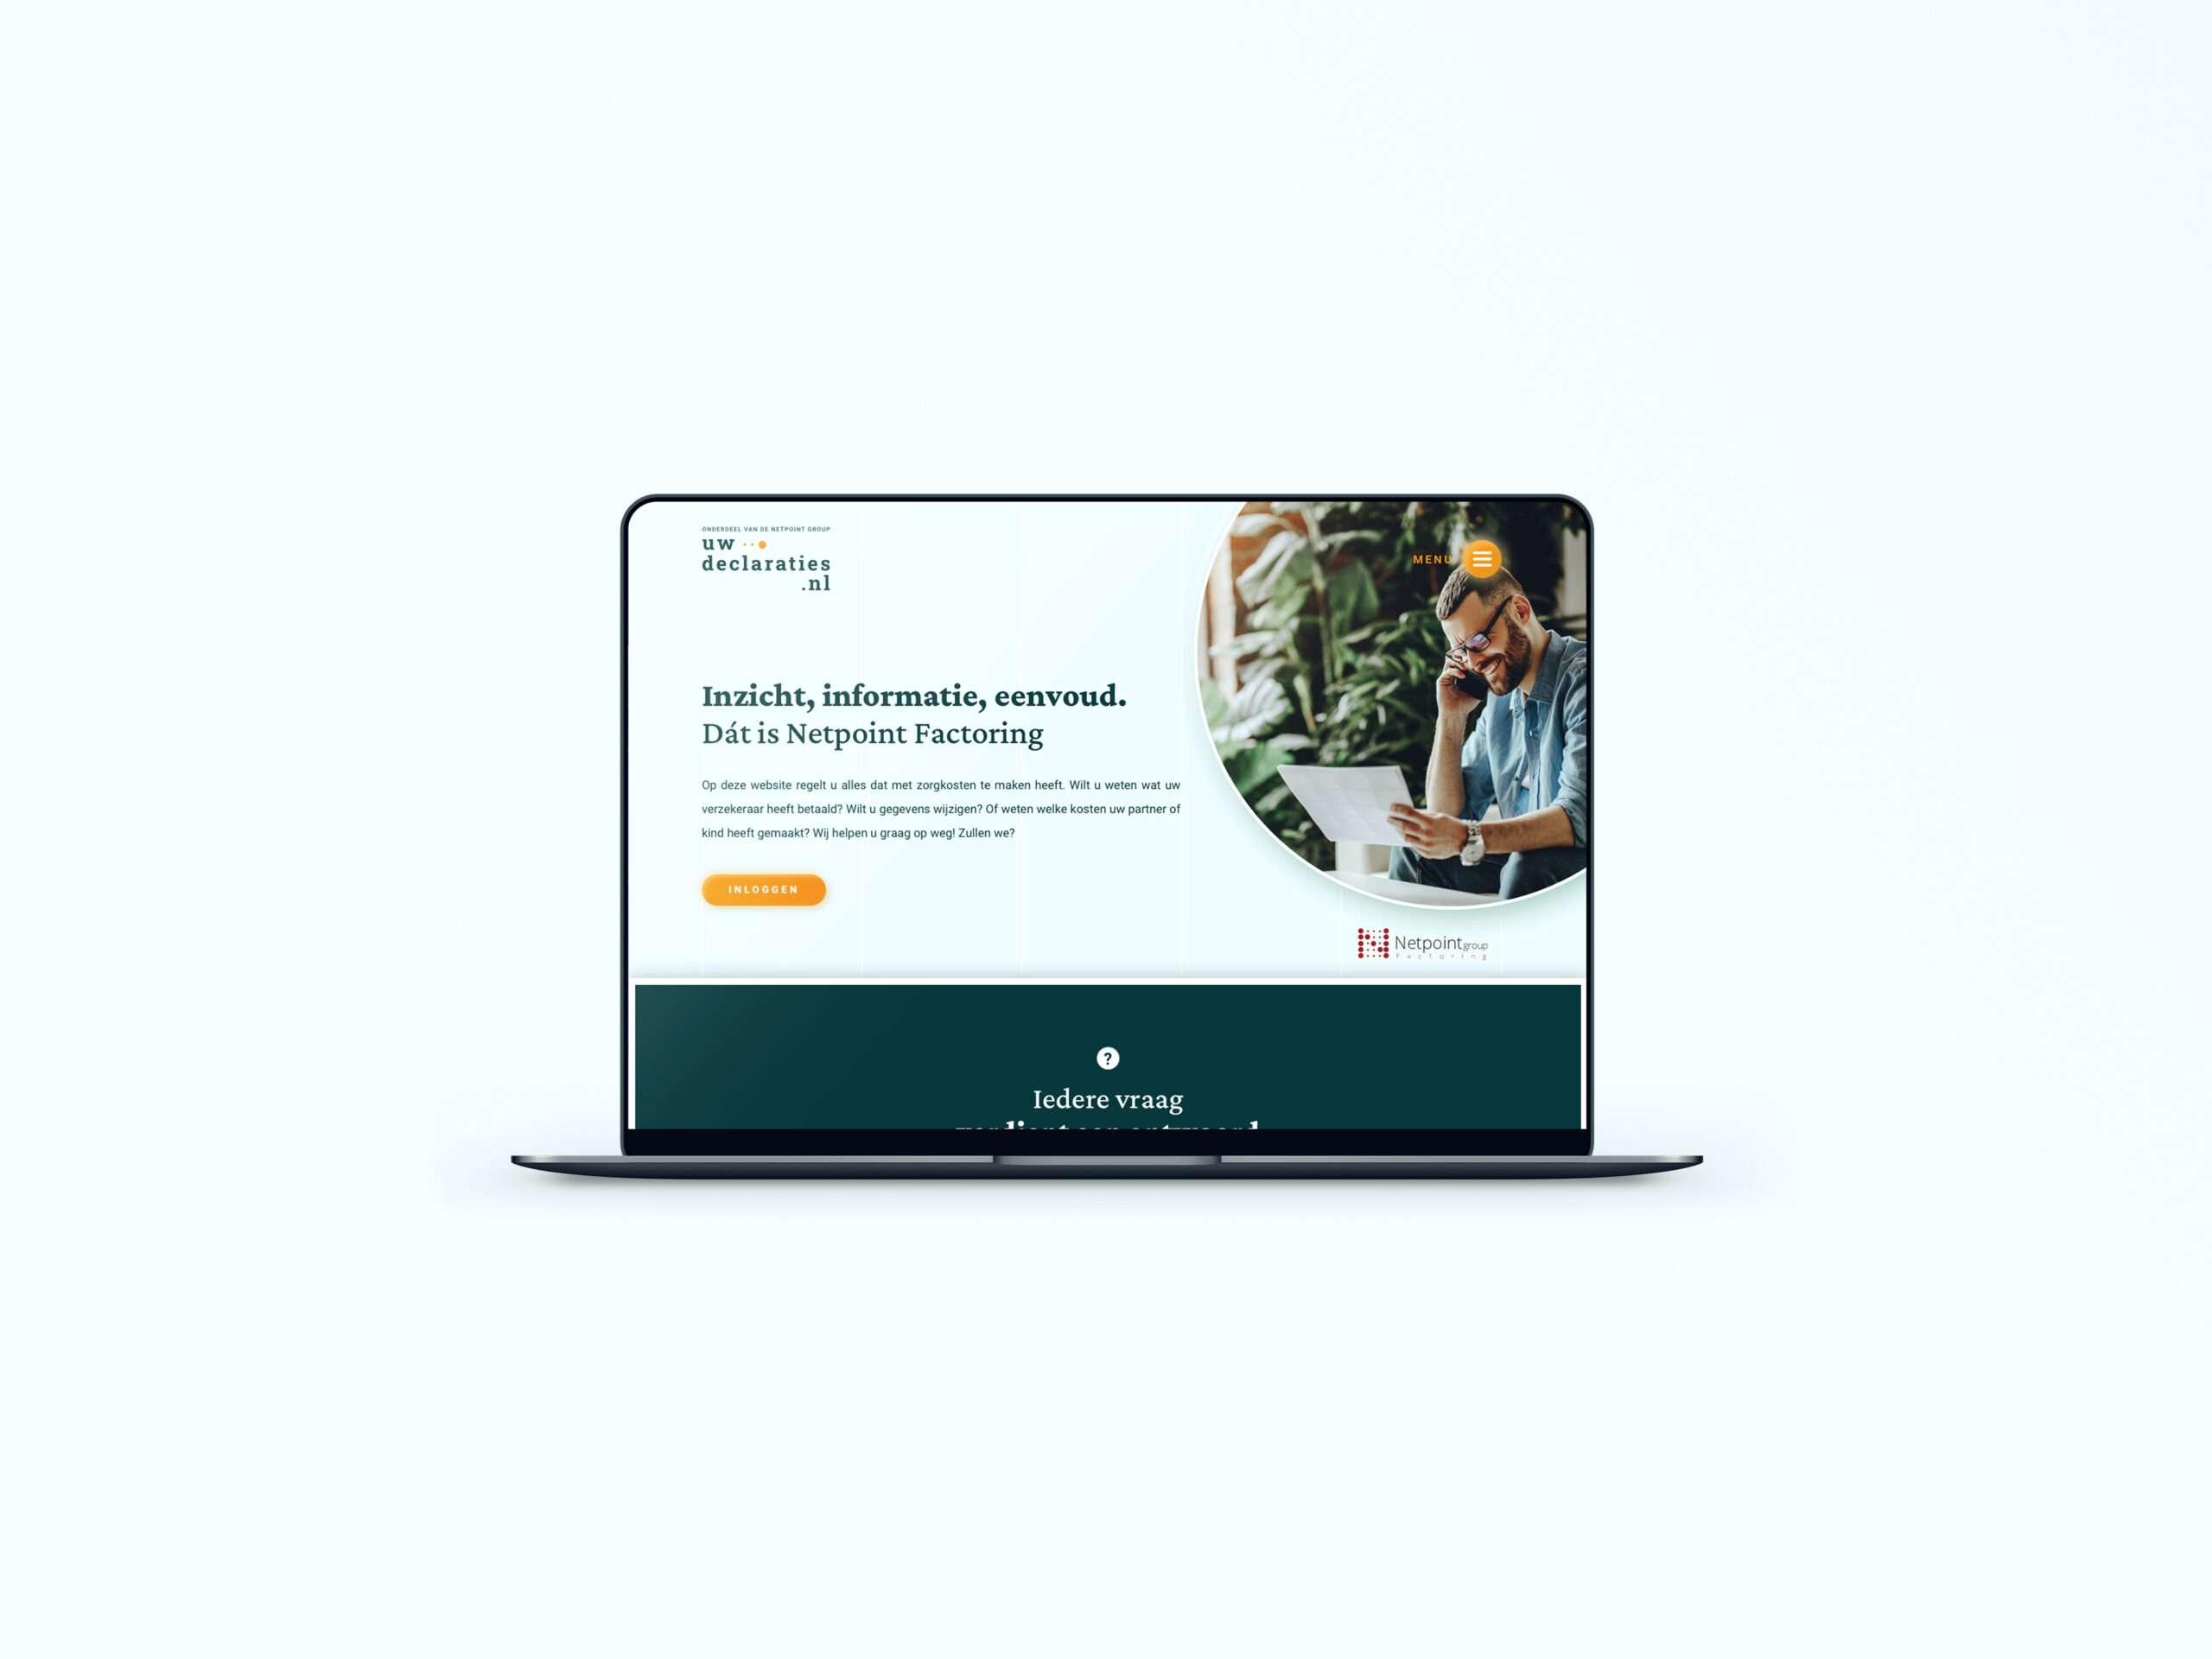 mock up website portfolio uwdeclaraties